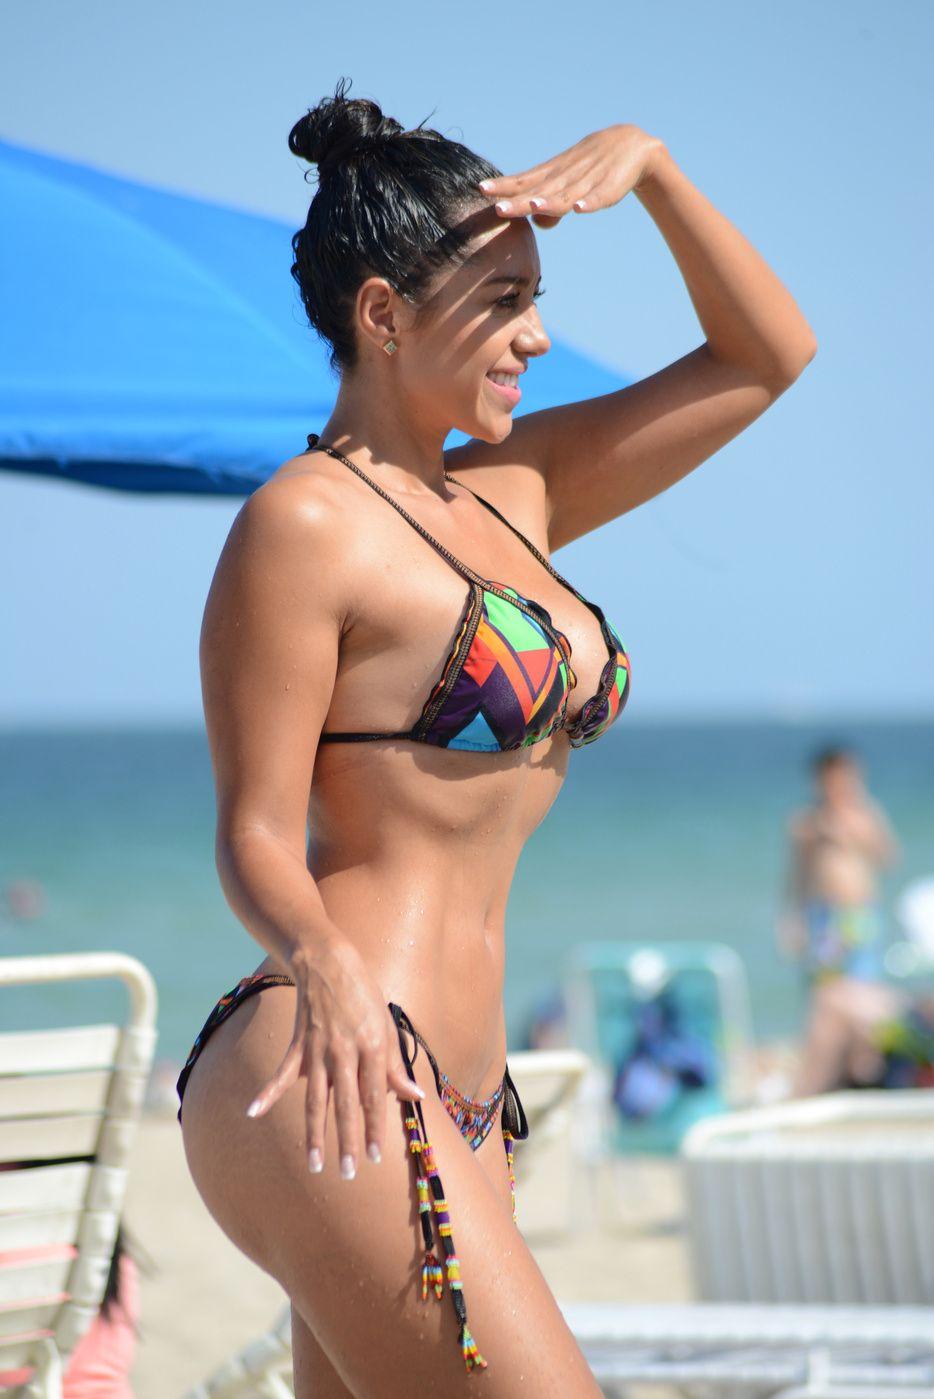 Ass Andrea Calle nude photos 2019